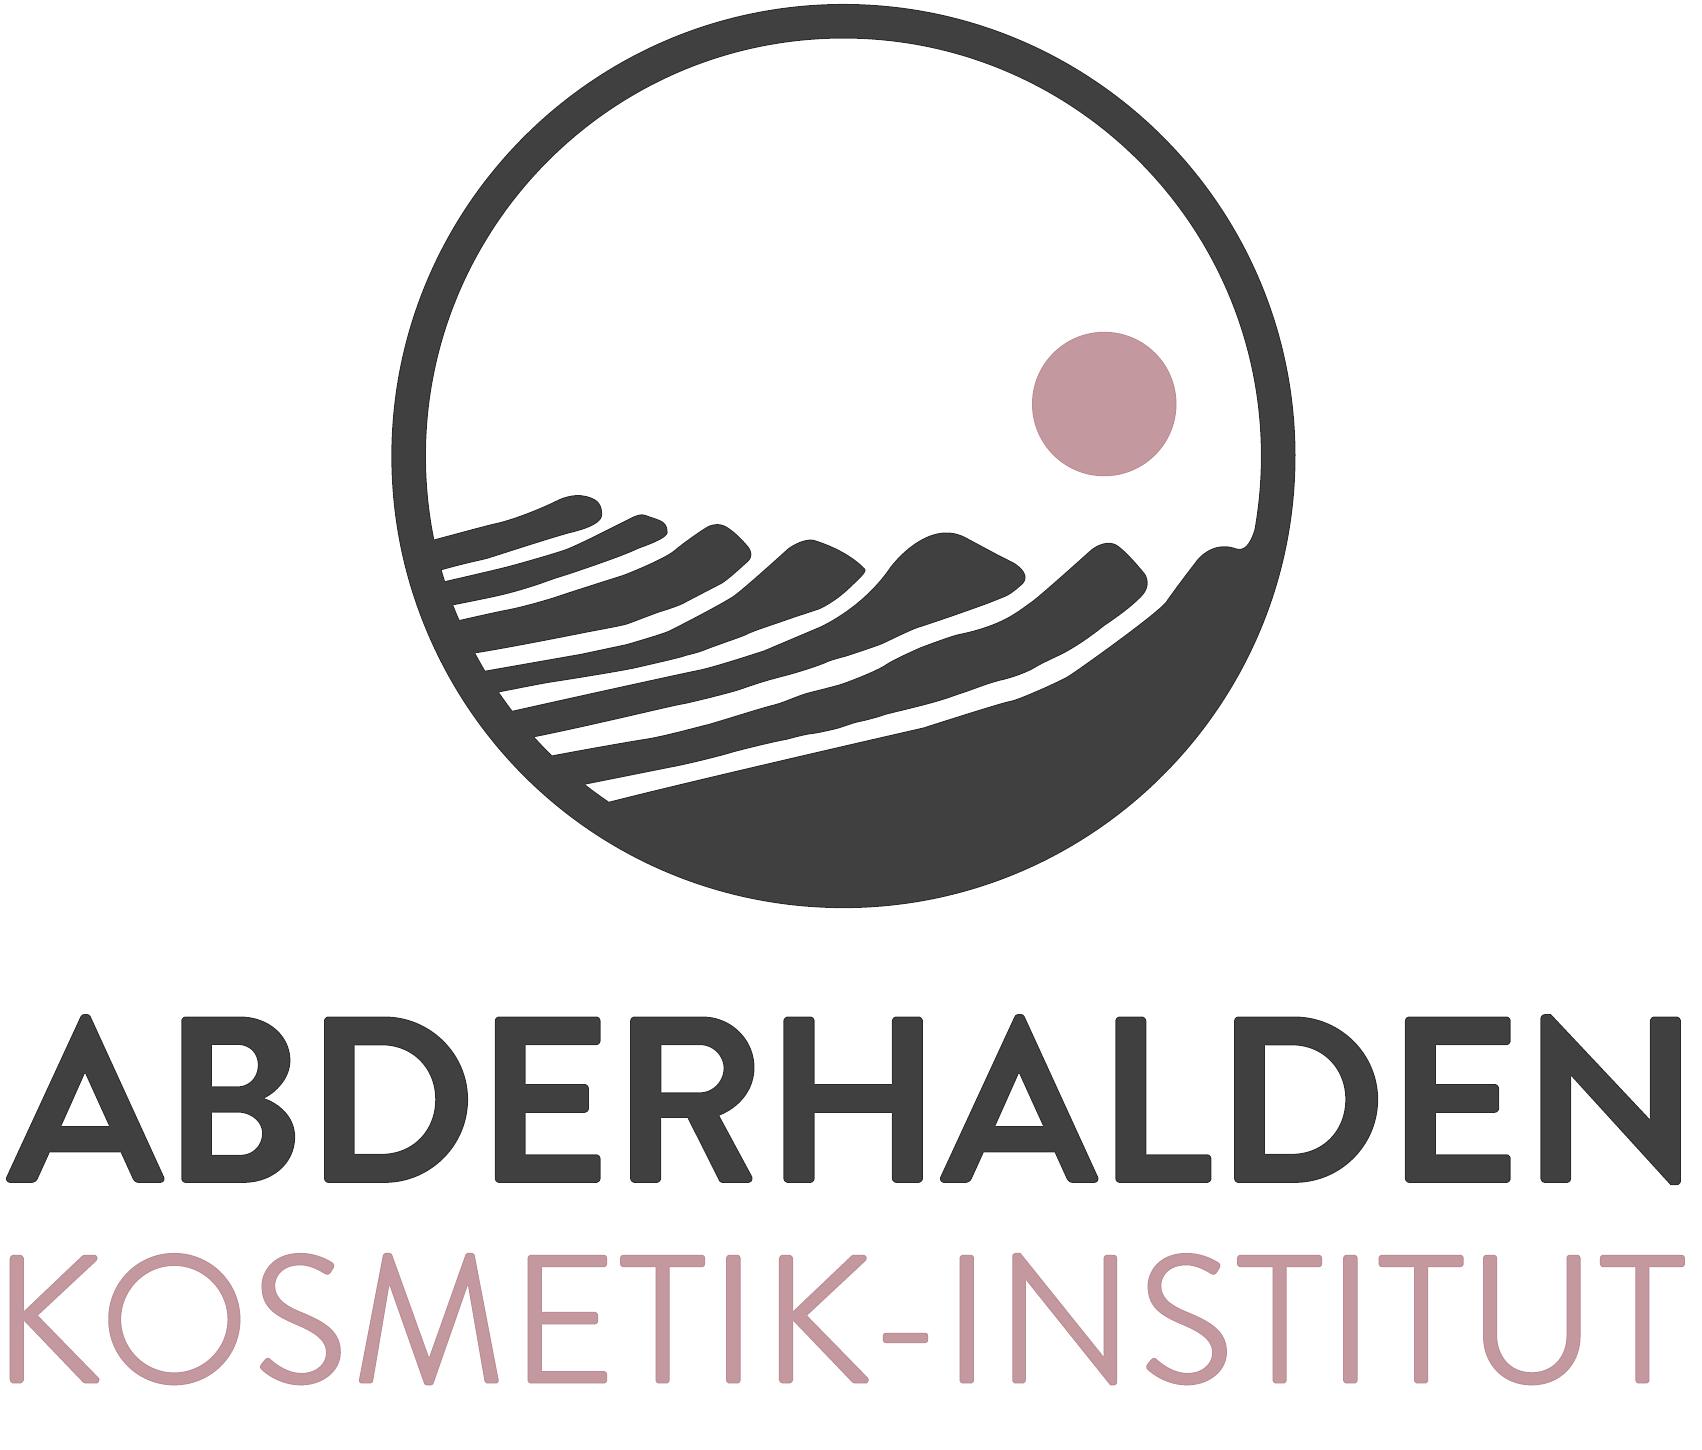 Abderhalden Kosmetik-Institut